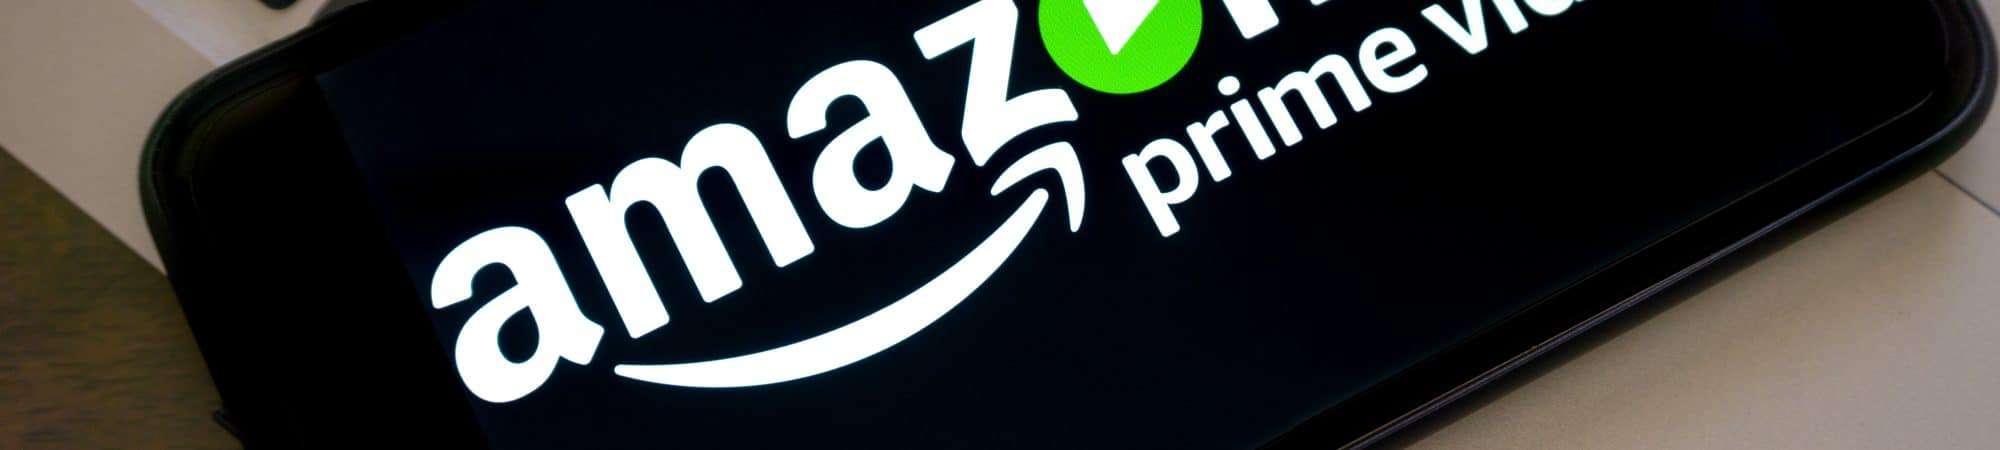 Amazon investe R$ 5,3 milhões na recuperação do audiovisual no Brasil. Imagem: Silver Wings SS / Shutterstock.com